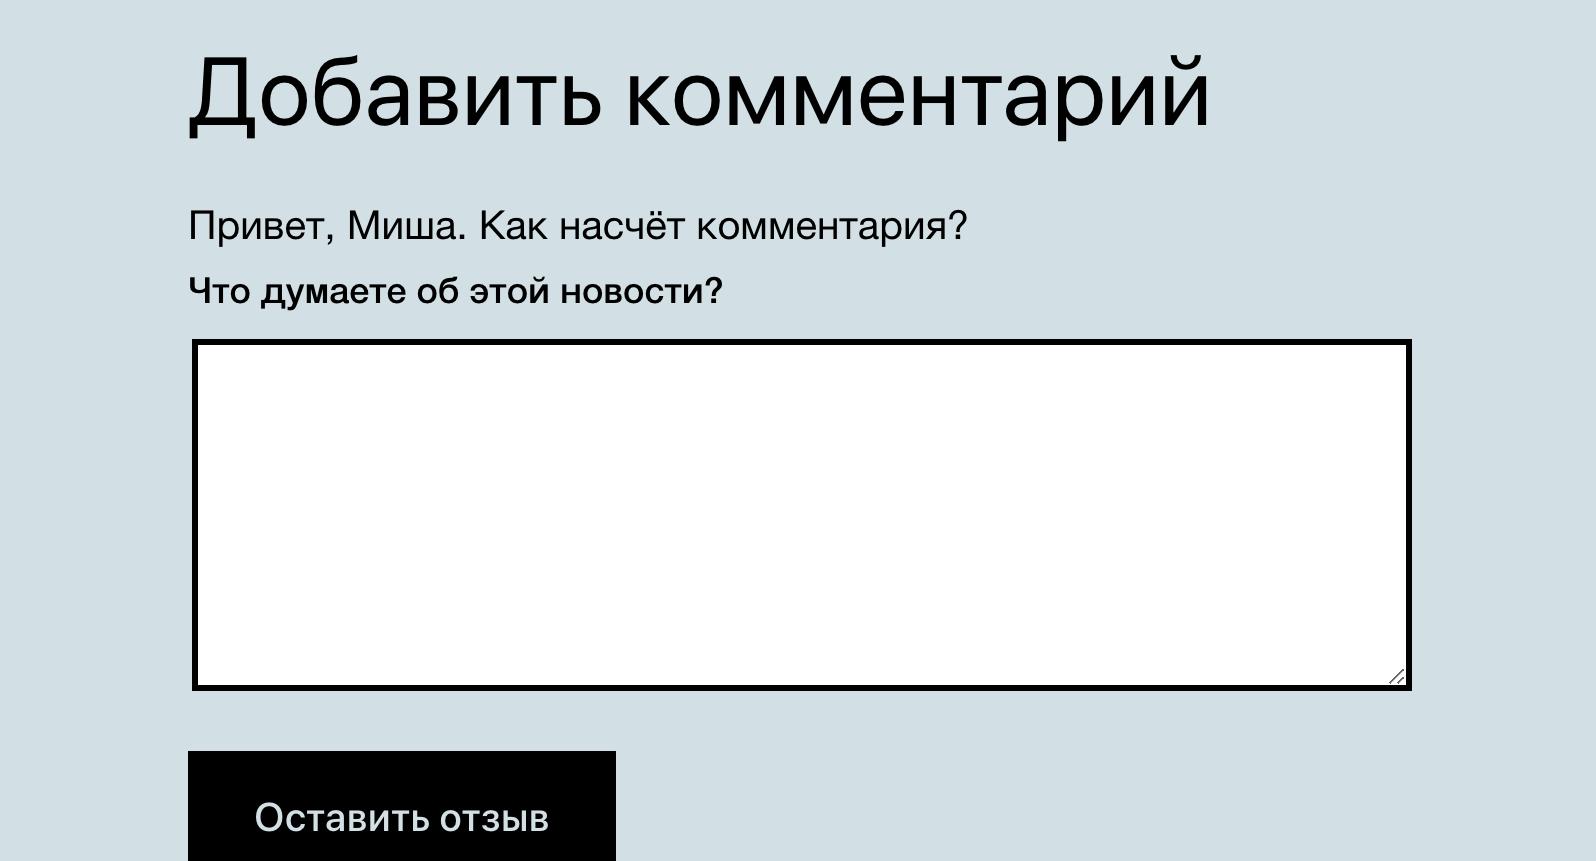 изменяем текст для авторизованного пользователя